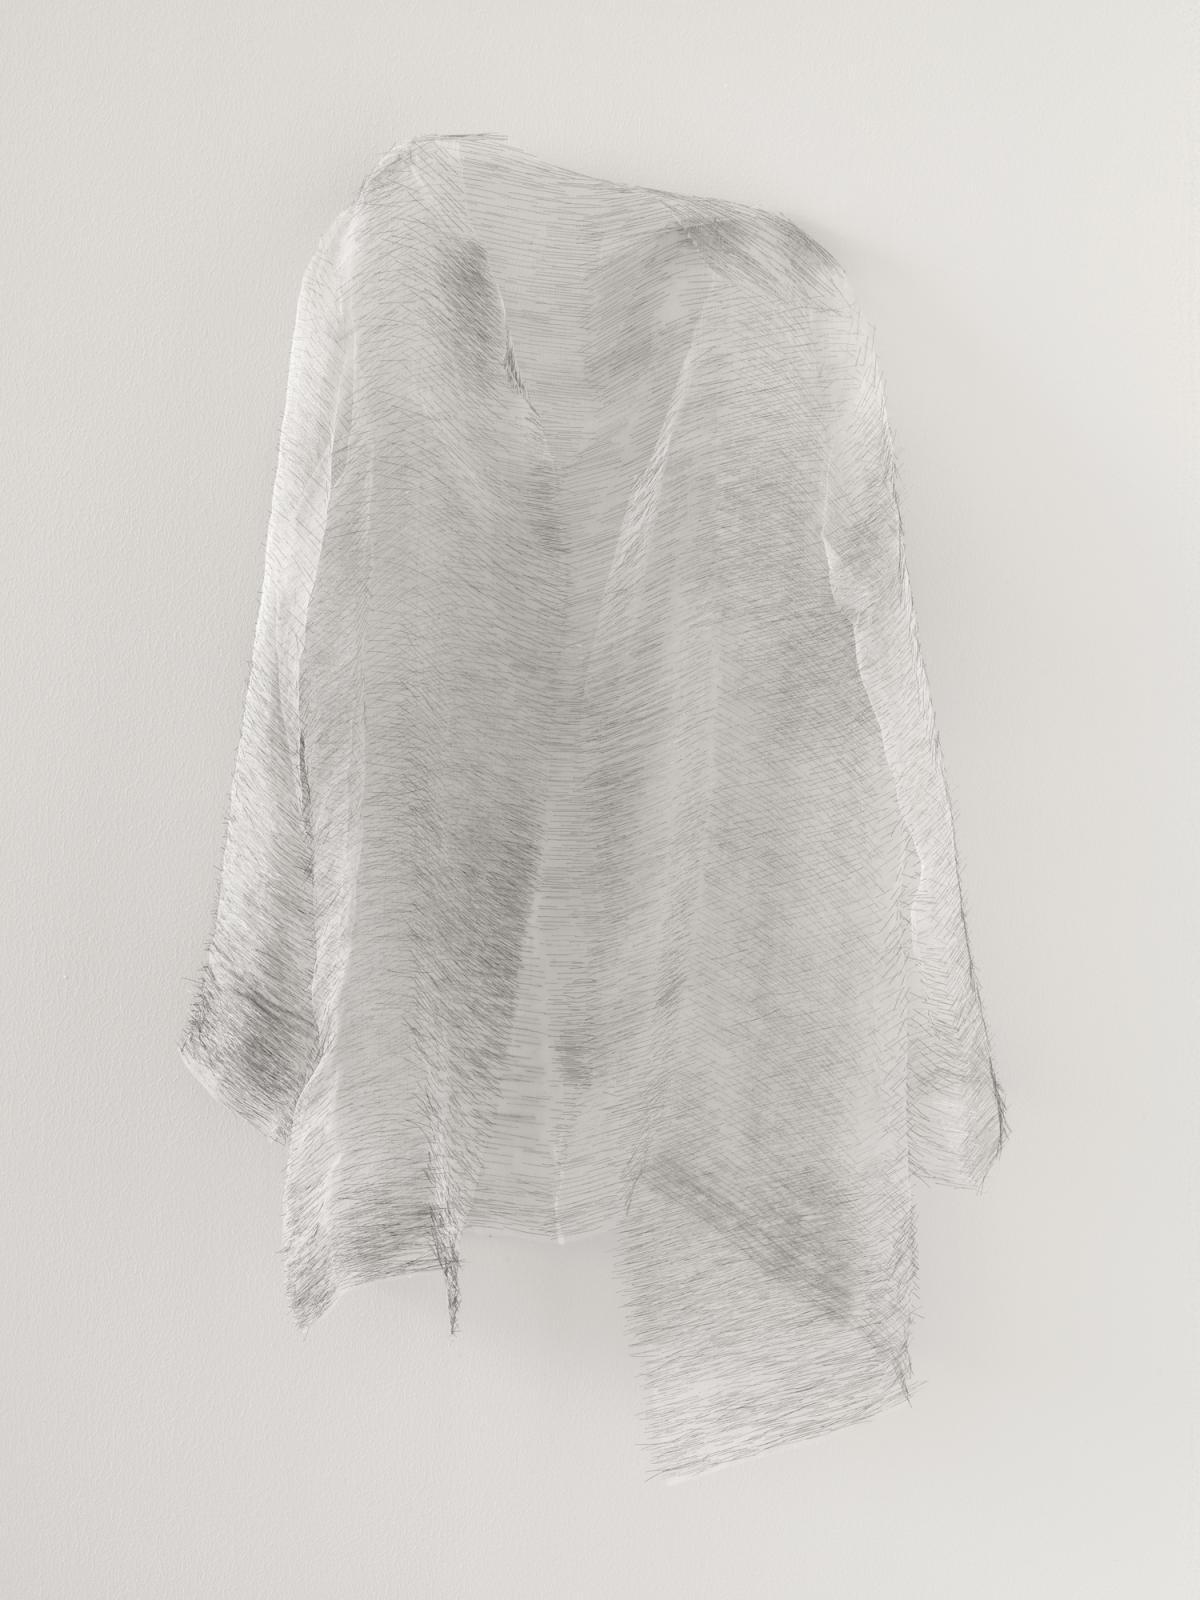 """דוריס סלסדו, Disremembered I, 2014, חוטי משי ומחטי תפירה, 89x55x16 ס""""מ, אוסף דיאן וברוס האלה"""